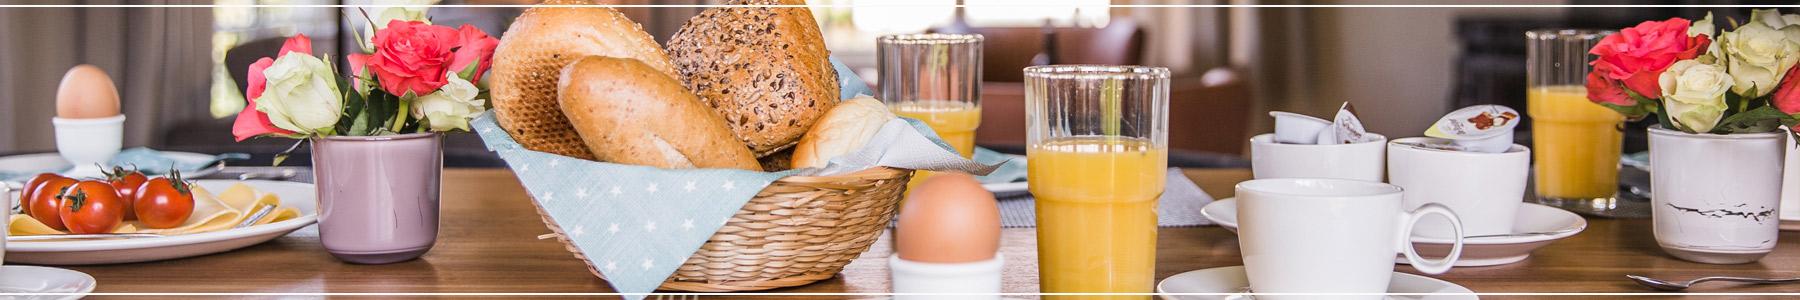 Sliderafbeelding waarop een tafel te zien is waar ontbeten wordt